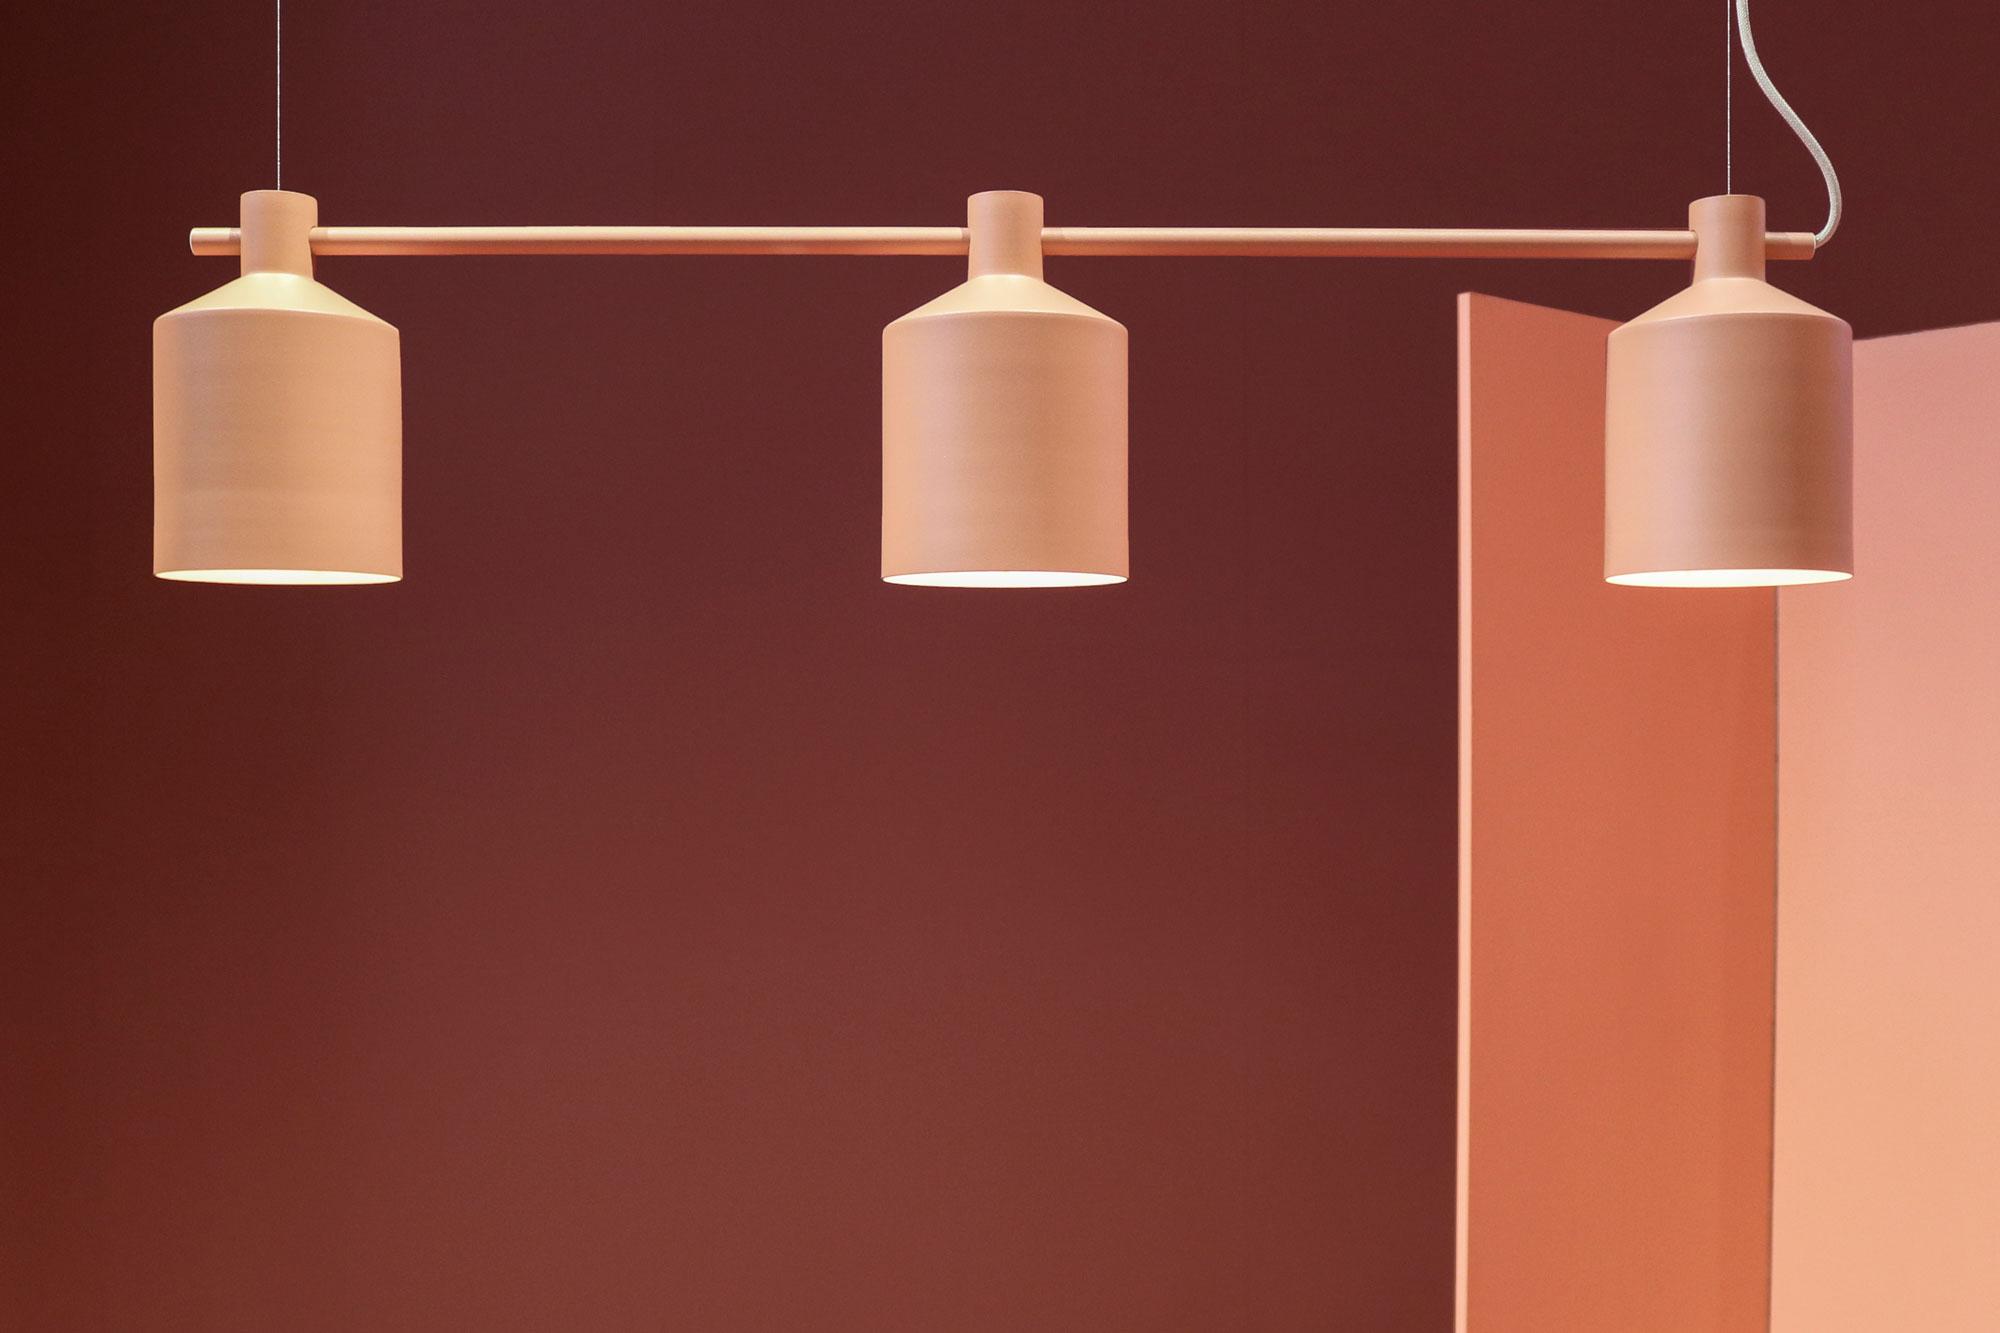 Silo Trio - Product: Silo Trio in apricot.Project: The Design Bar 2017.Interior designer: Note Design Studio.